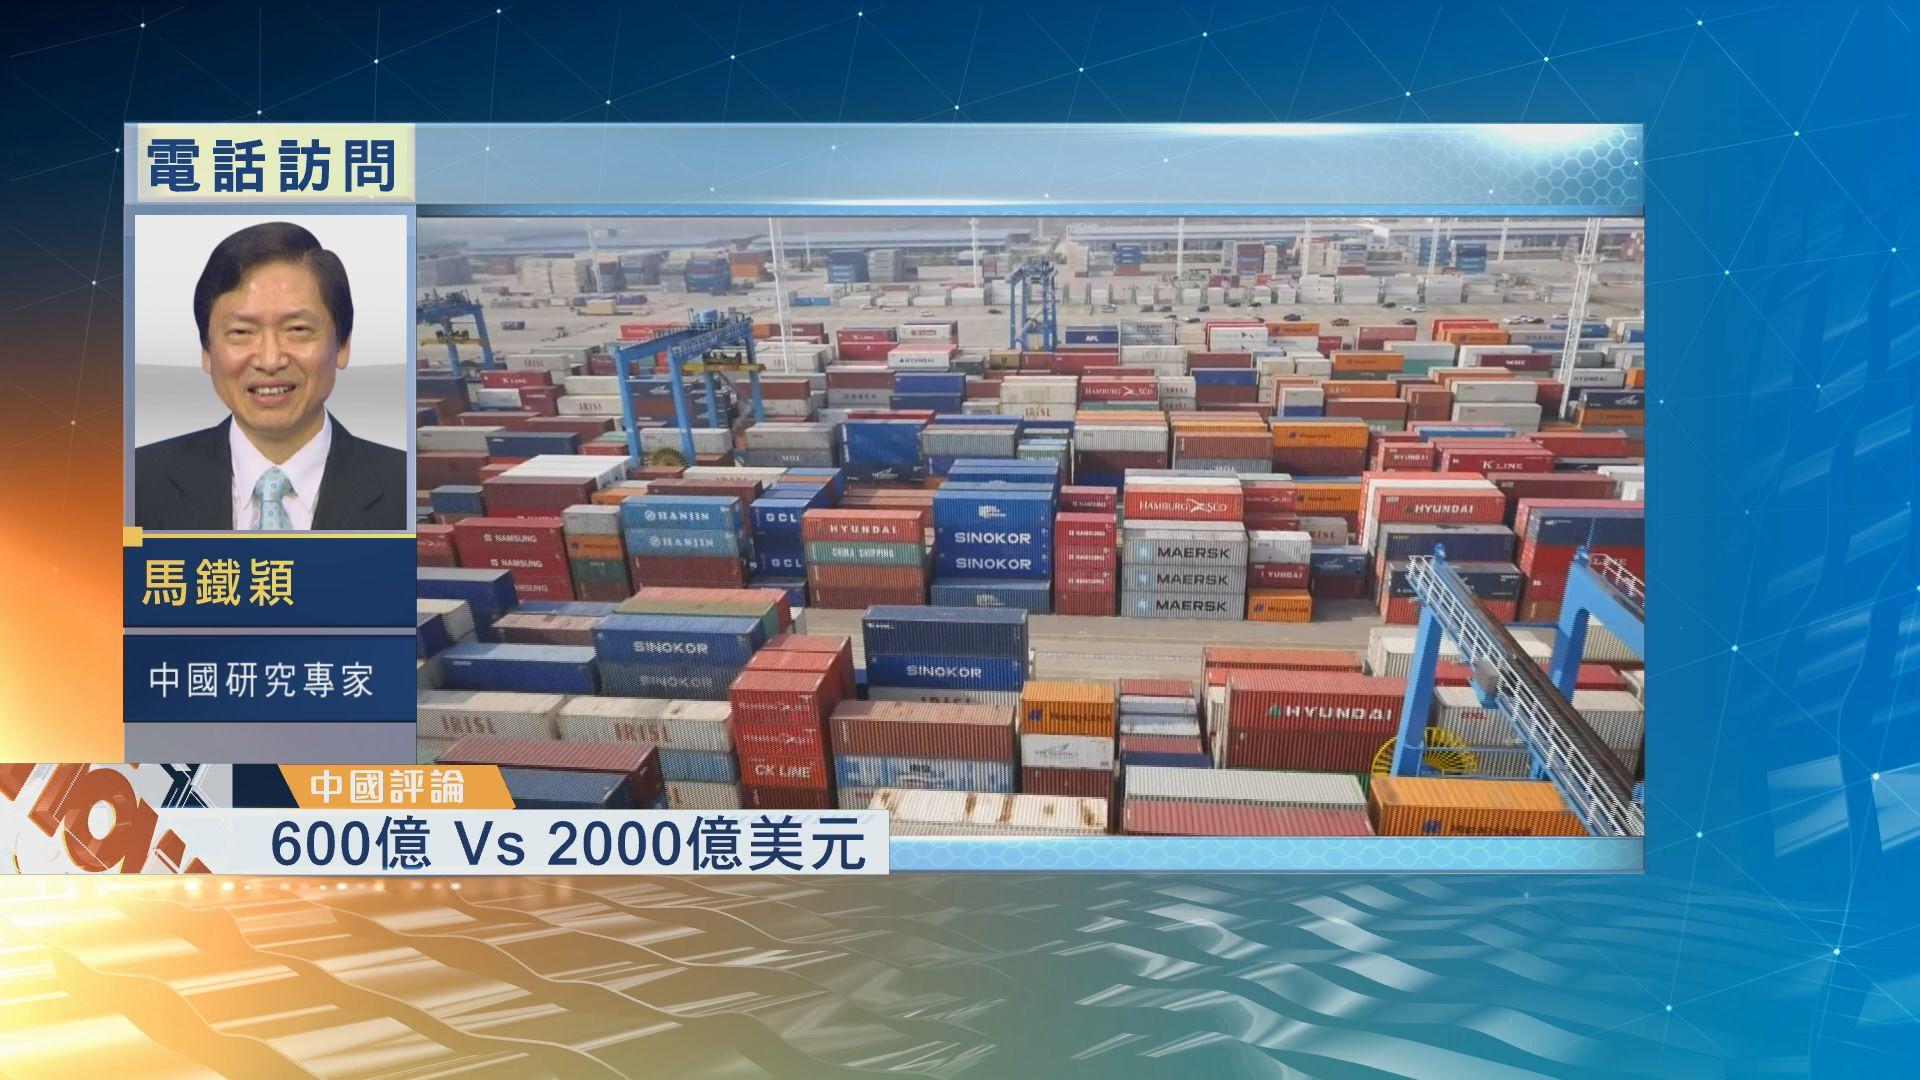 【中國評論】京向美600億商品徵稅反擊